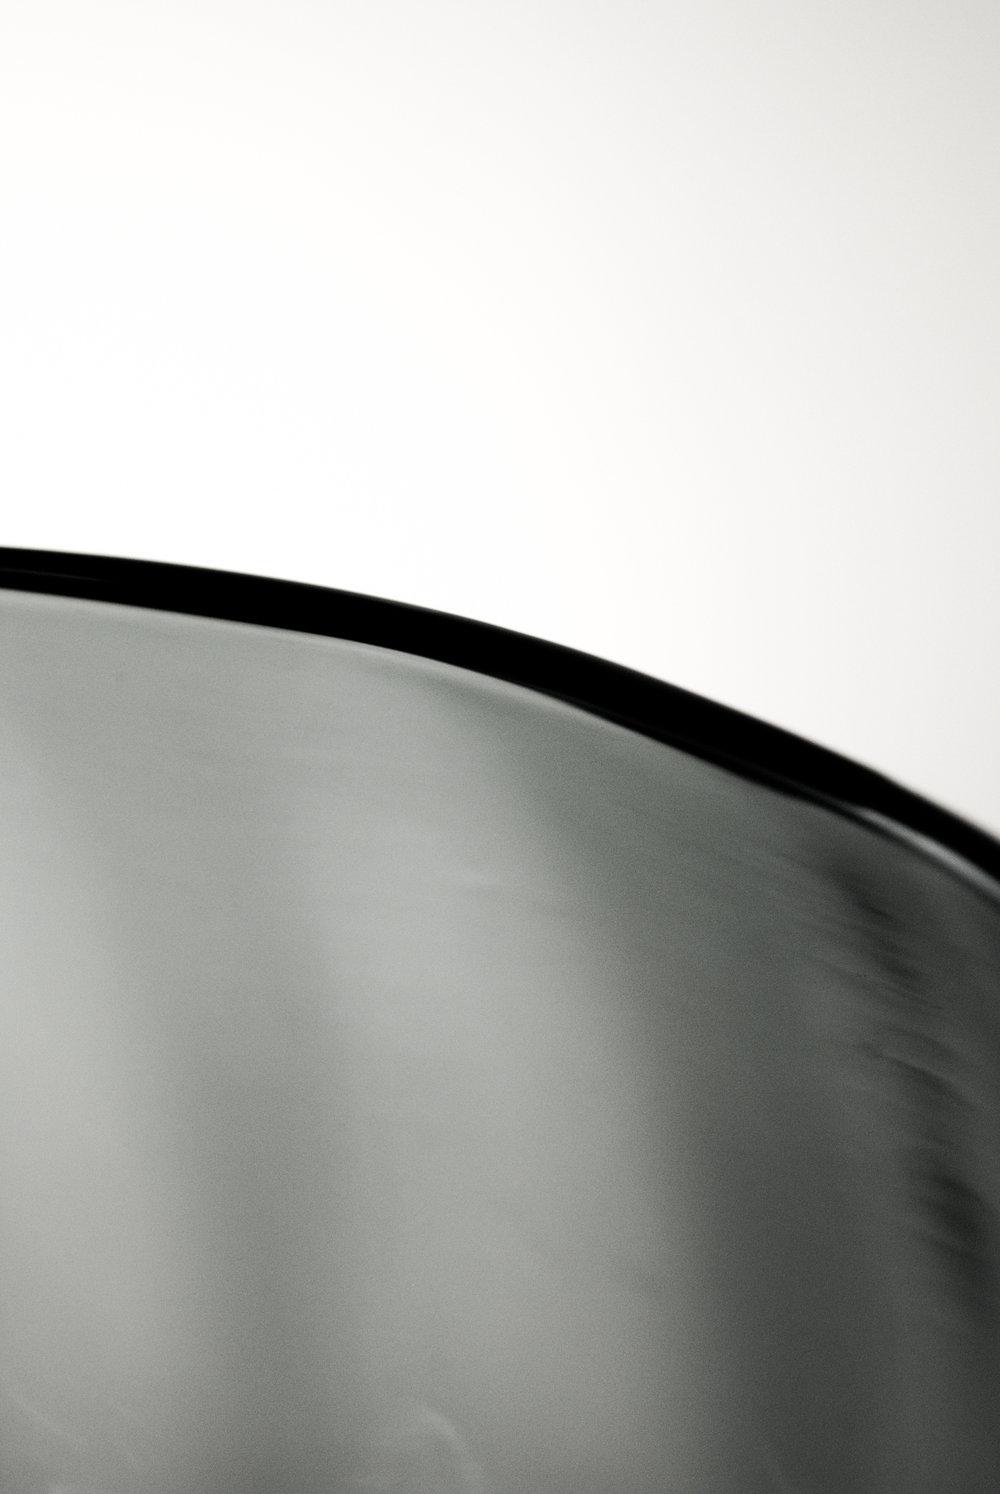 Shown in Gradient Grey Blown Glass